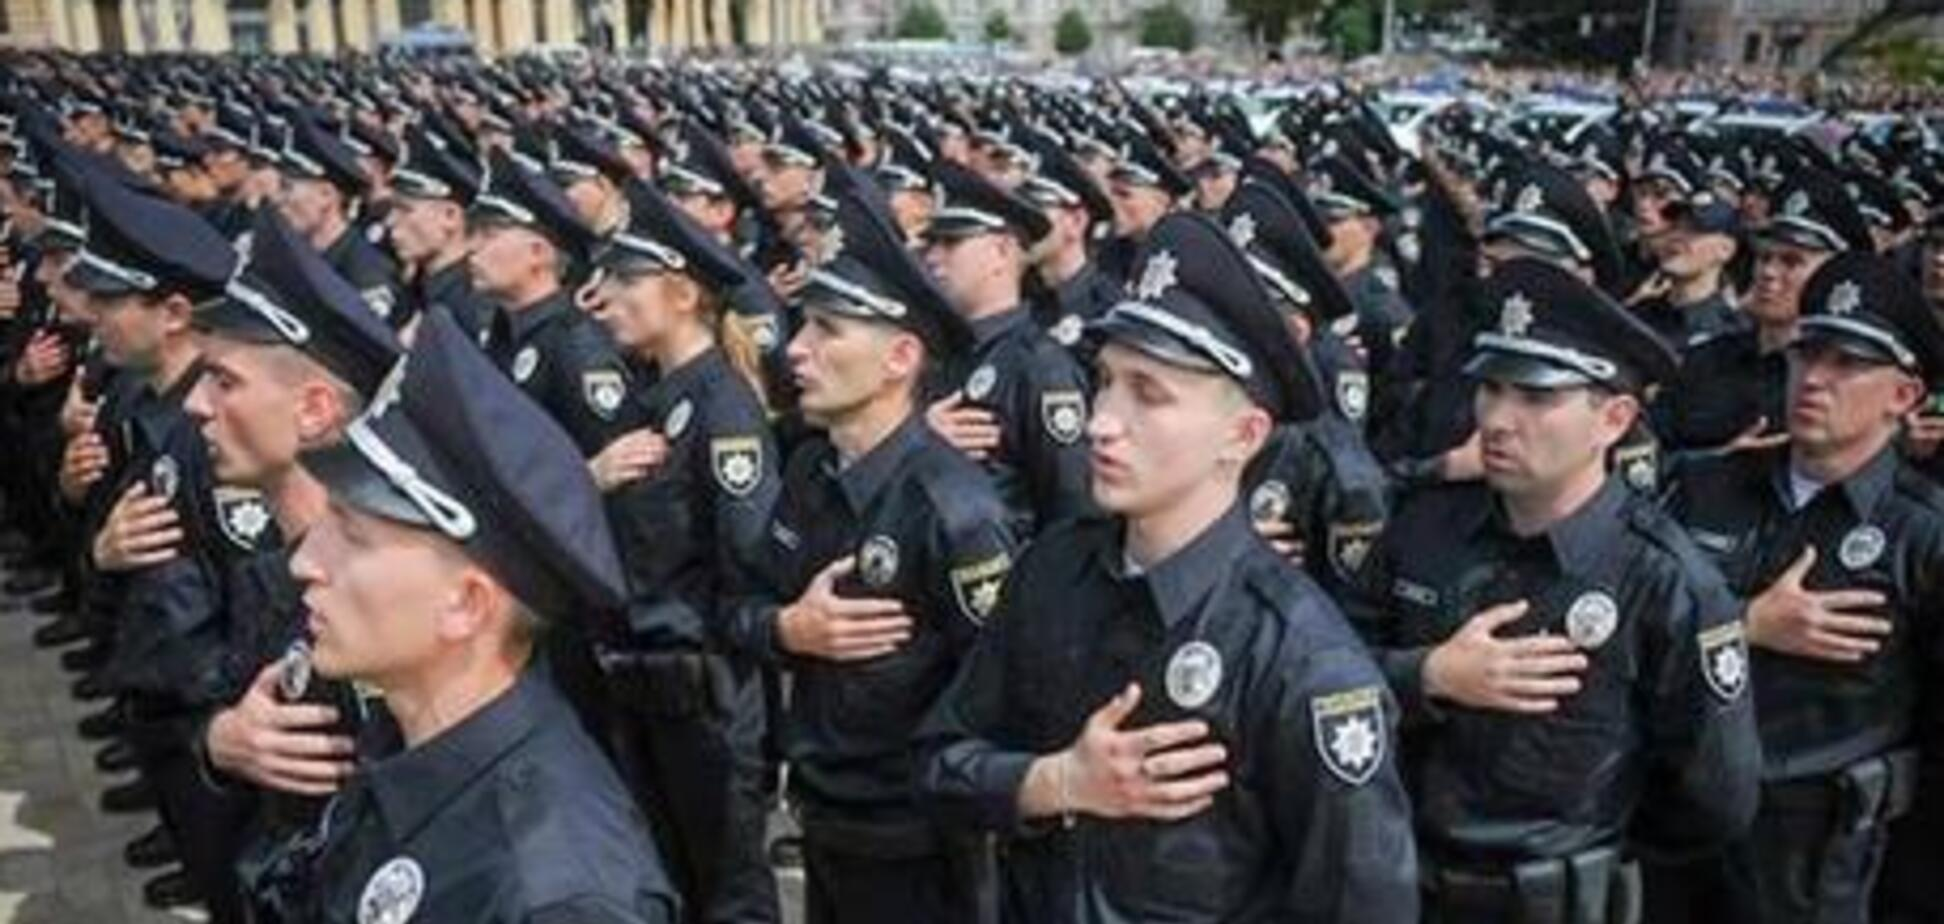 Кличко подякував поліції за нелегку роботу та привітав із святом